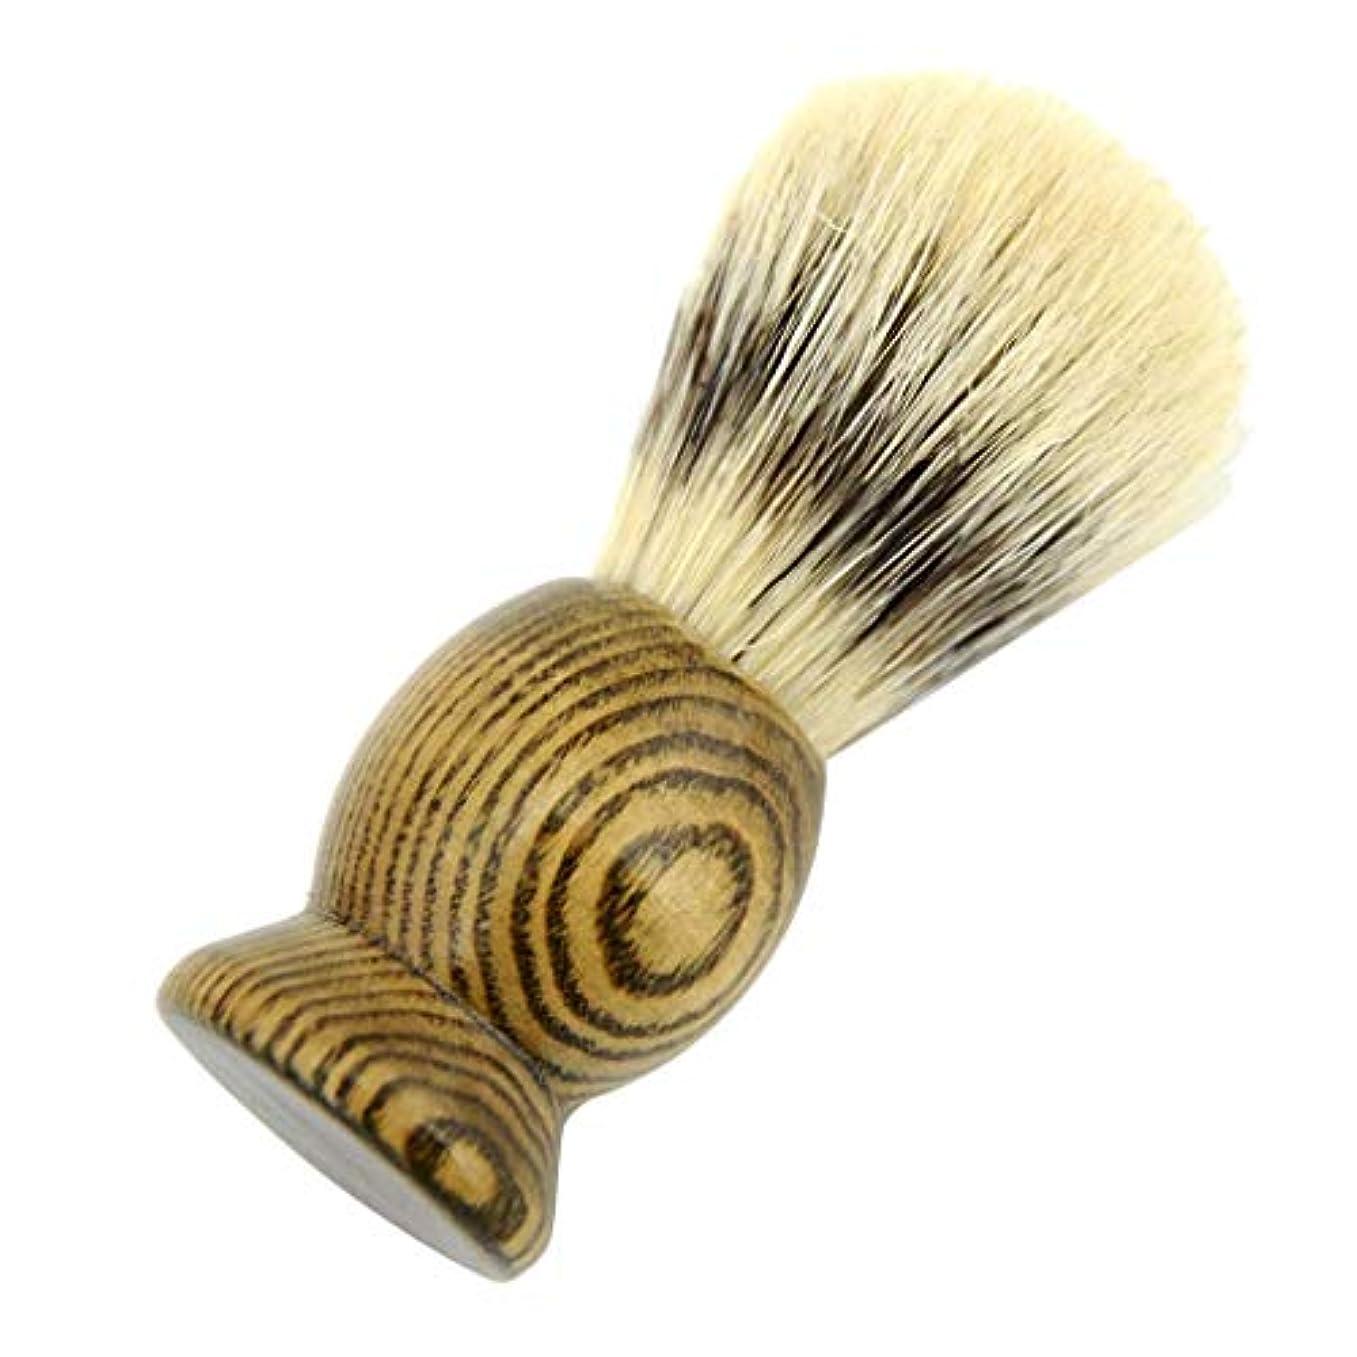 第五驚かす宝ひげブラシ メンズ シェービングブラシ 髭剃り 理容 洗顔 ポータブルひげ剃り美容ツール